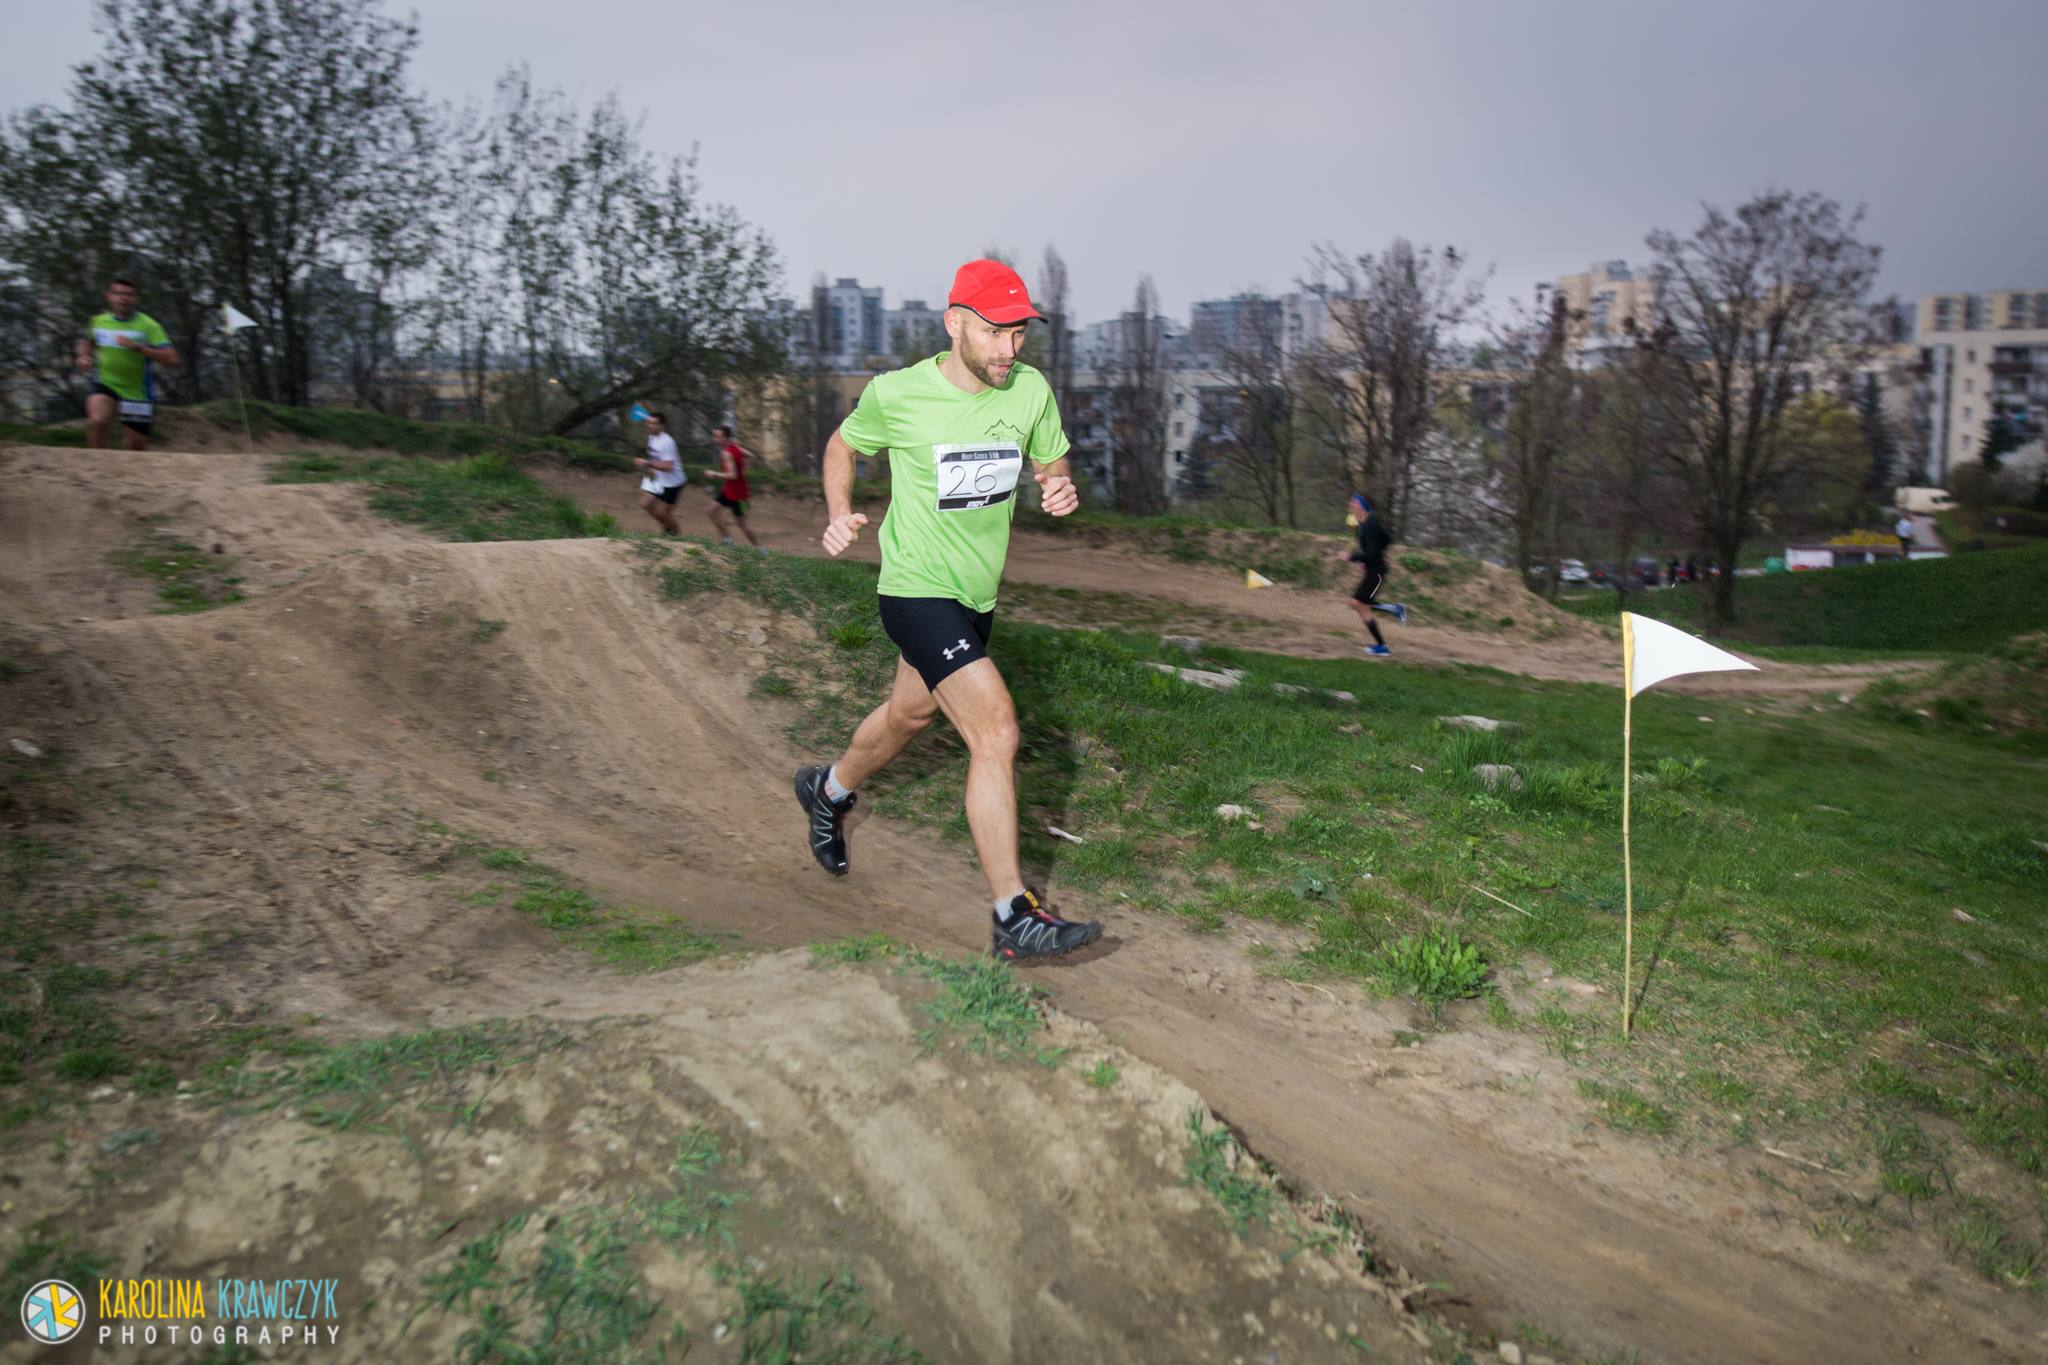 Monte Kazura Maciej Zyto